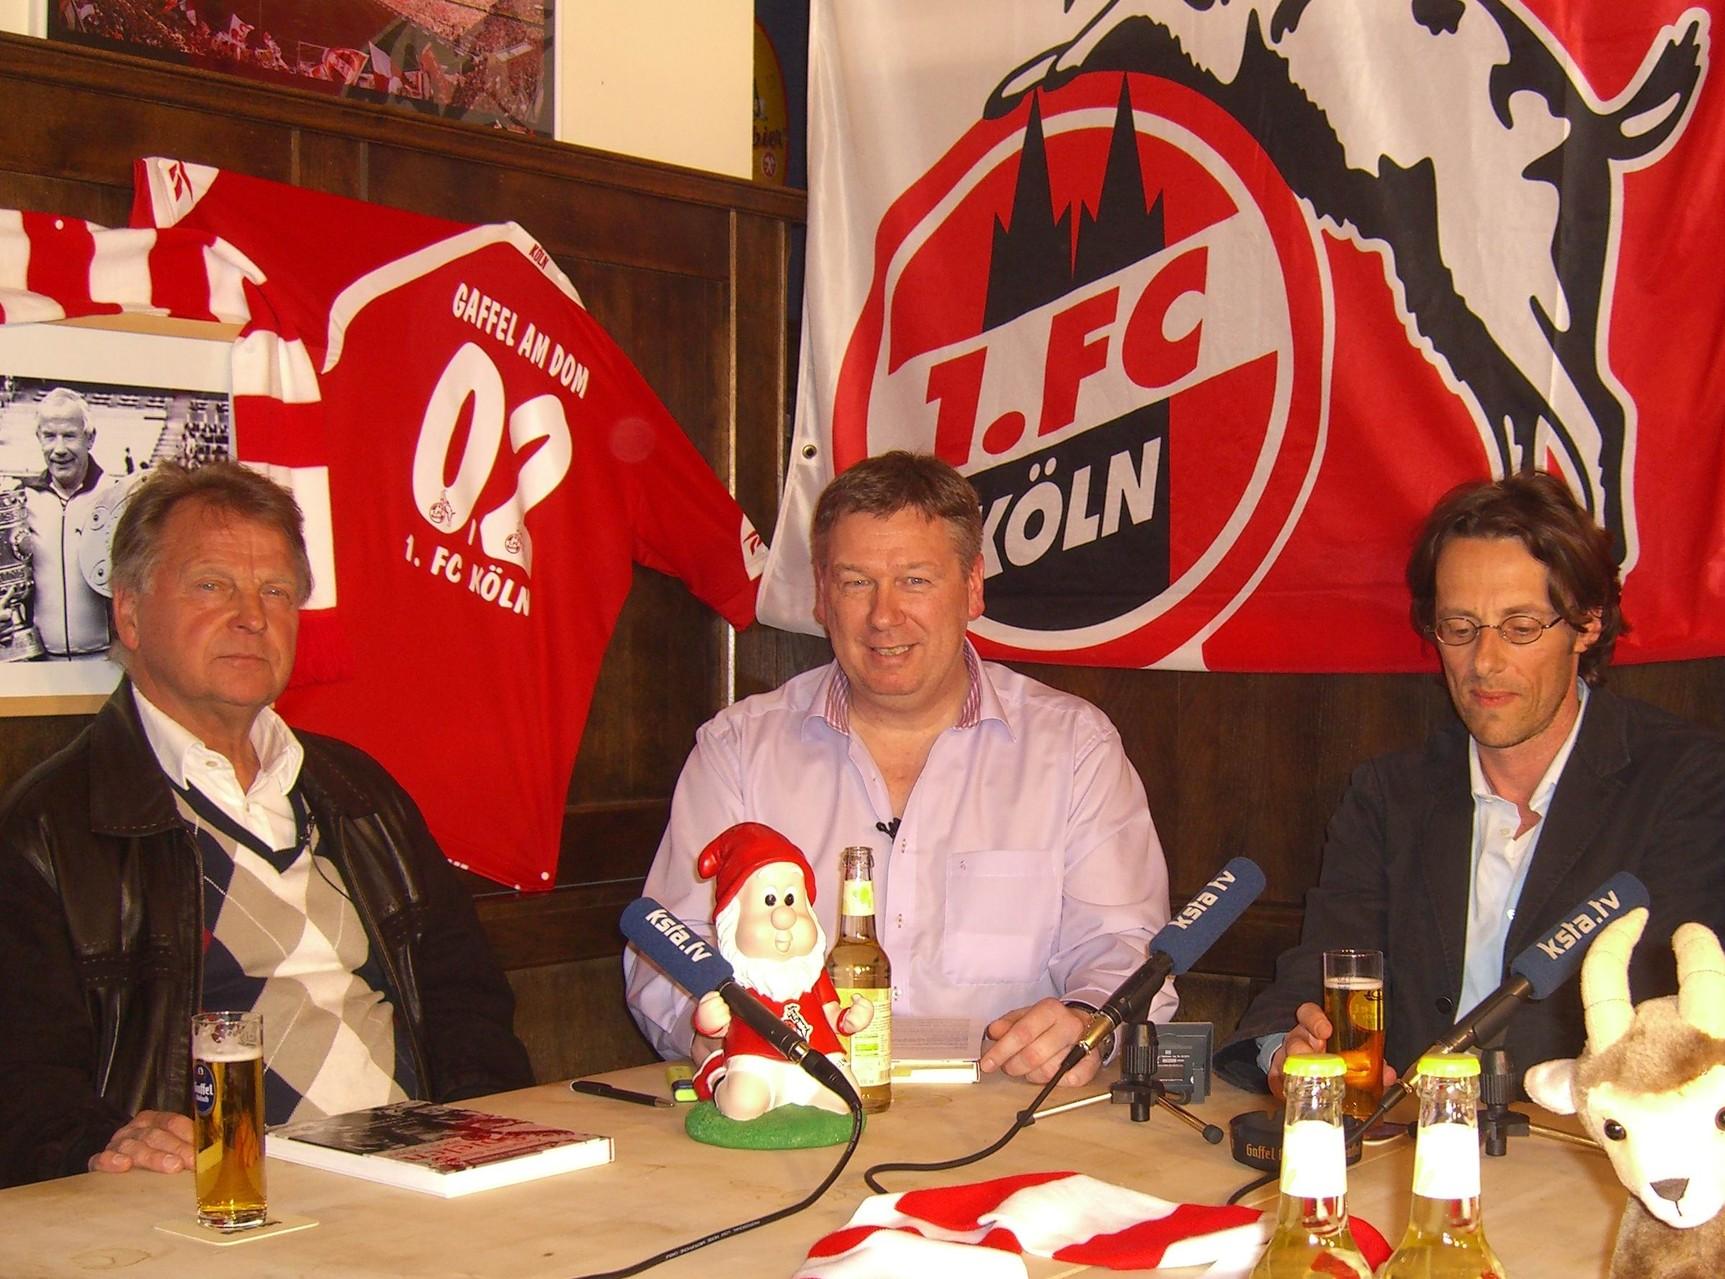 Karl Heinz Thielen, Titelsammler als Spieler, Manager und Vizepräsident sowie Philip Selldorf (SZ)